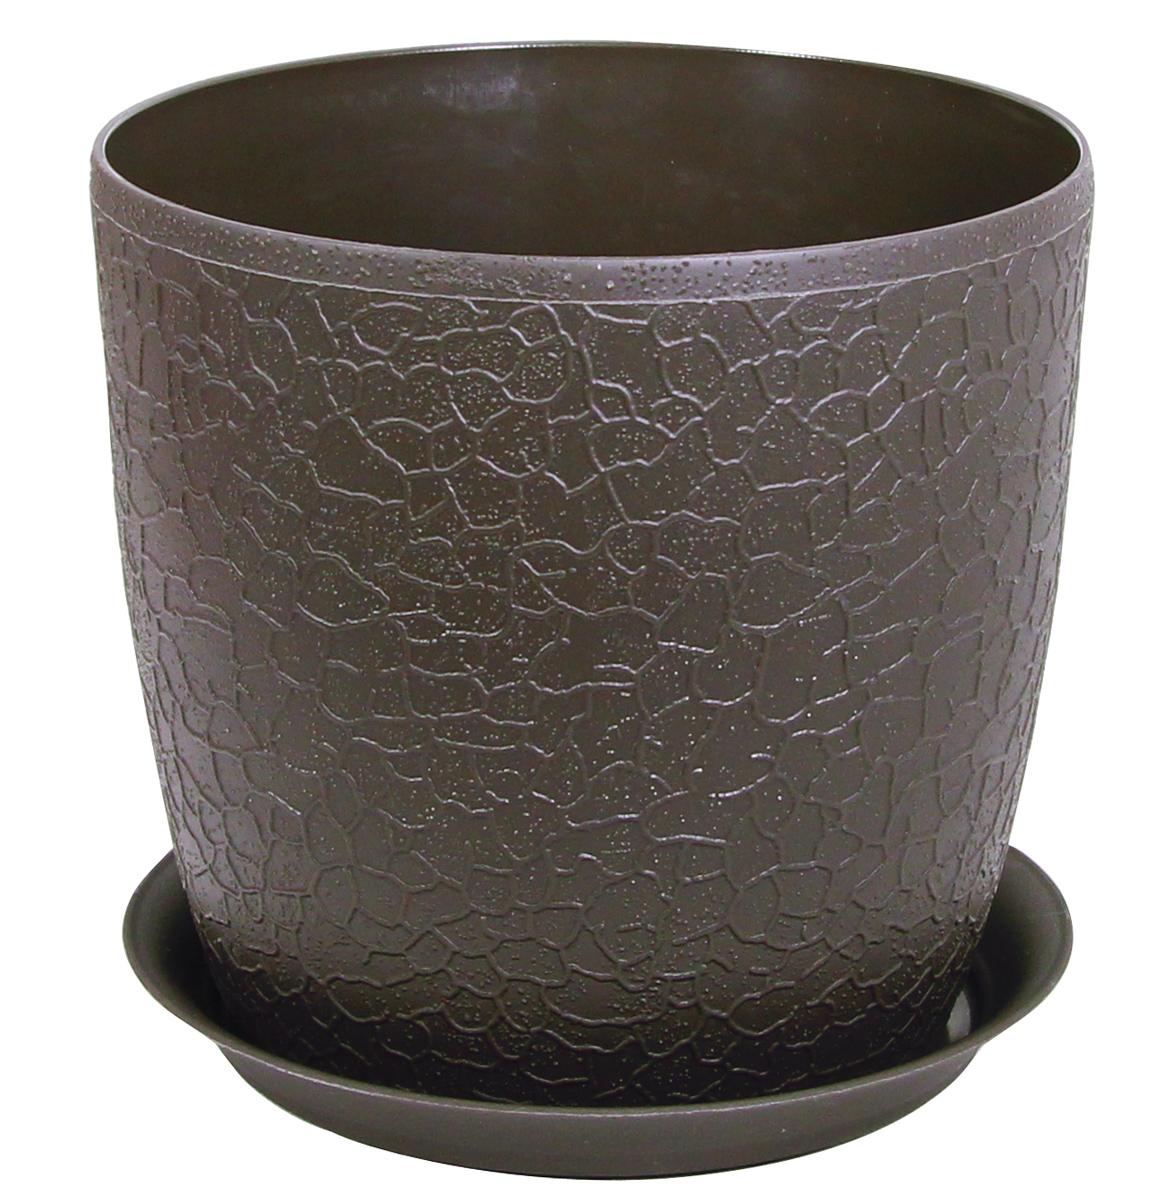 Кашпо Idea Верона, с подставкой, цвет: коричневый, диаметр 18 смМ 3097Кашпо Idea Верона изготовлено из полипропилена (пластика). Специальная подставка предназначена для стока воды. Изделие прекрасно подходит для выращивания растений и цветов в домашних условиях.Диаметр кашпо: 18 см.Высота кашпо: 16,1 см.